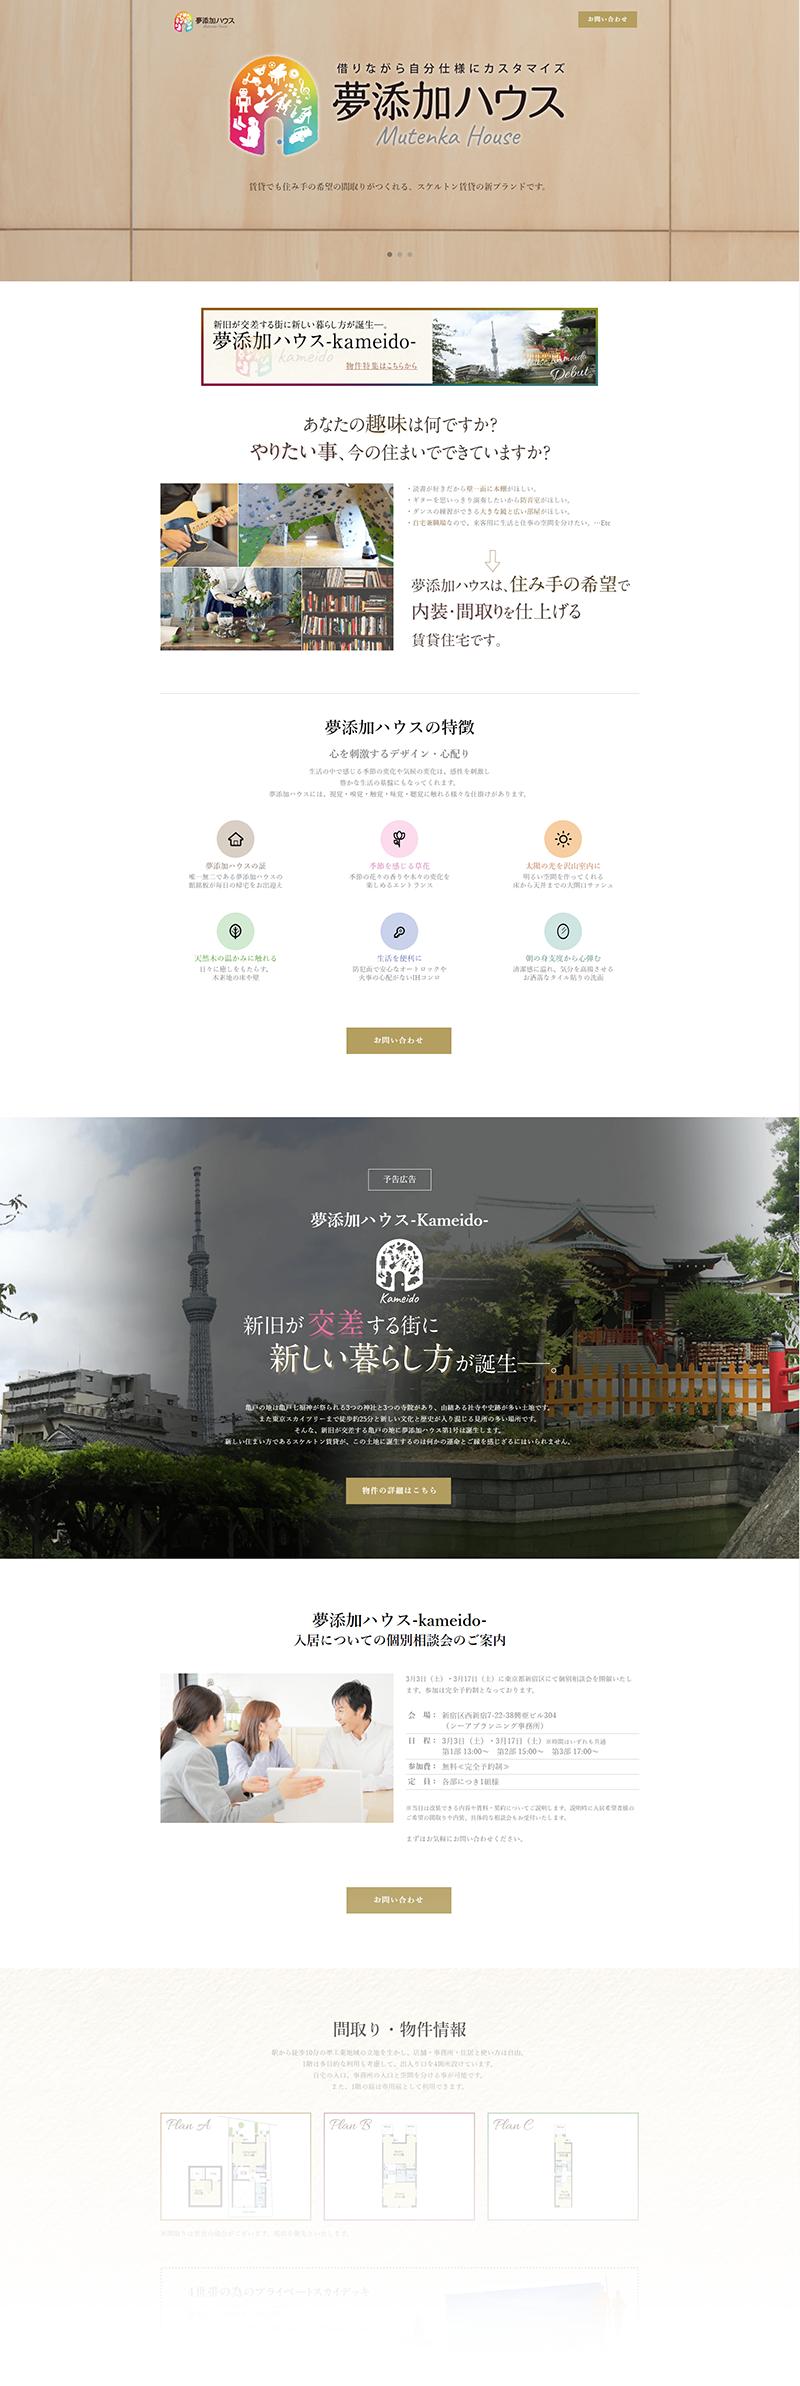 賃貸 web デザイン